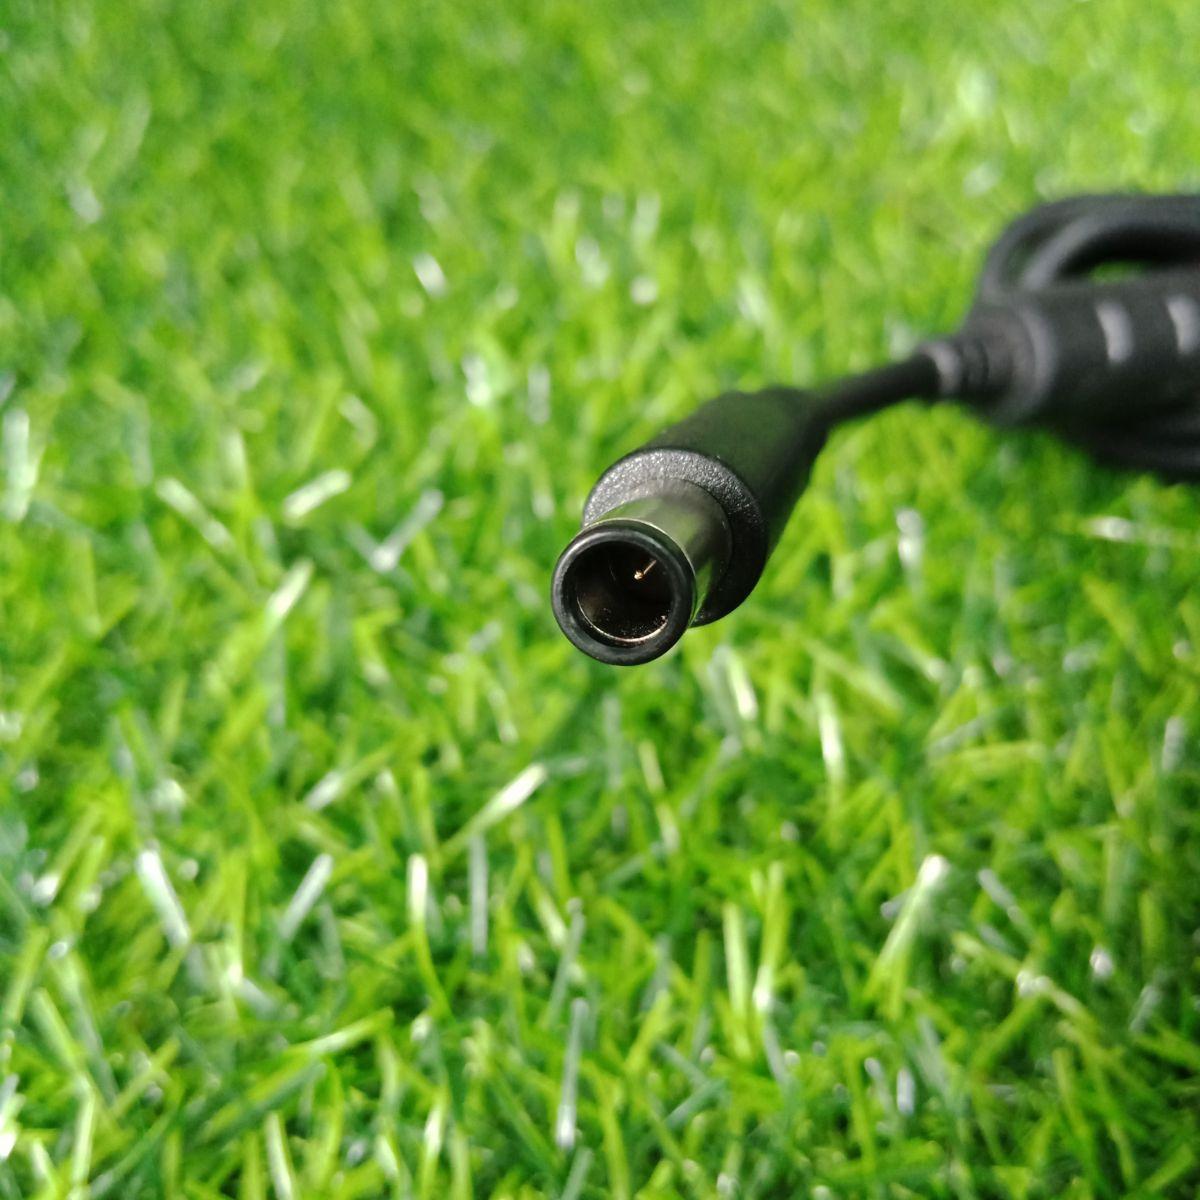 Thông số: Điện áp vào : AC 100V - 240V ~ 1.5A (1.5A) 50 - 60Hz Điện áp ra : DC 19.5V 9.23A 180W Chuẩn chân kết nối : 7.4mm*5.0mm Bảo vệ quá tải : 115% -135% , tự động phục hồi